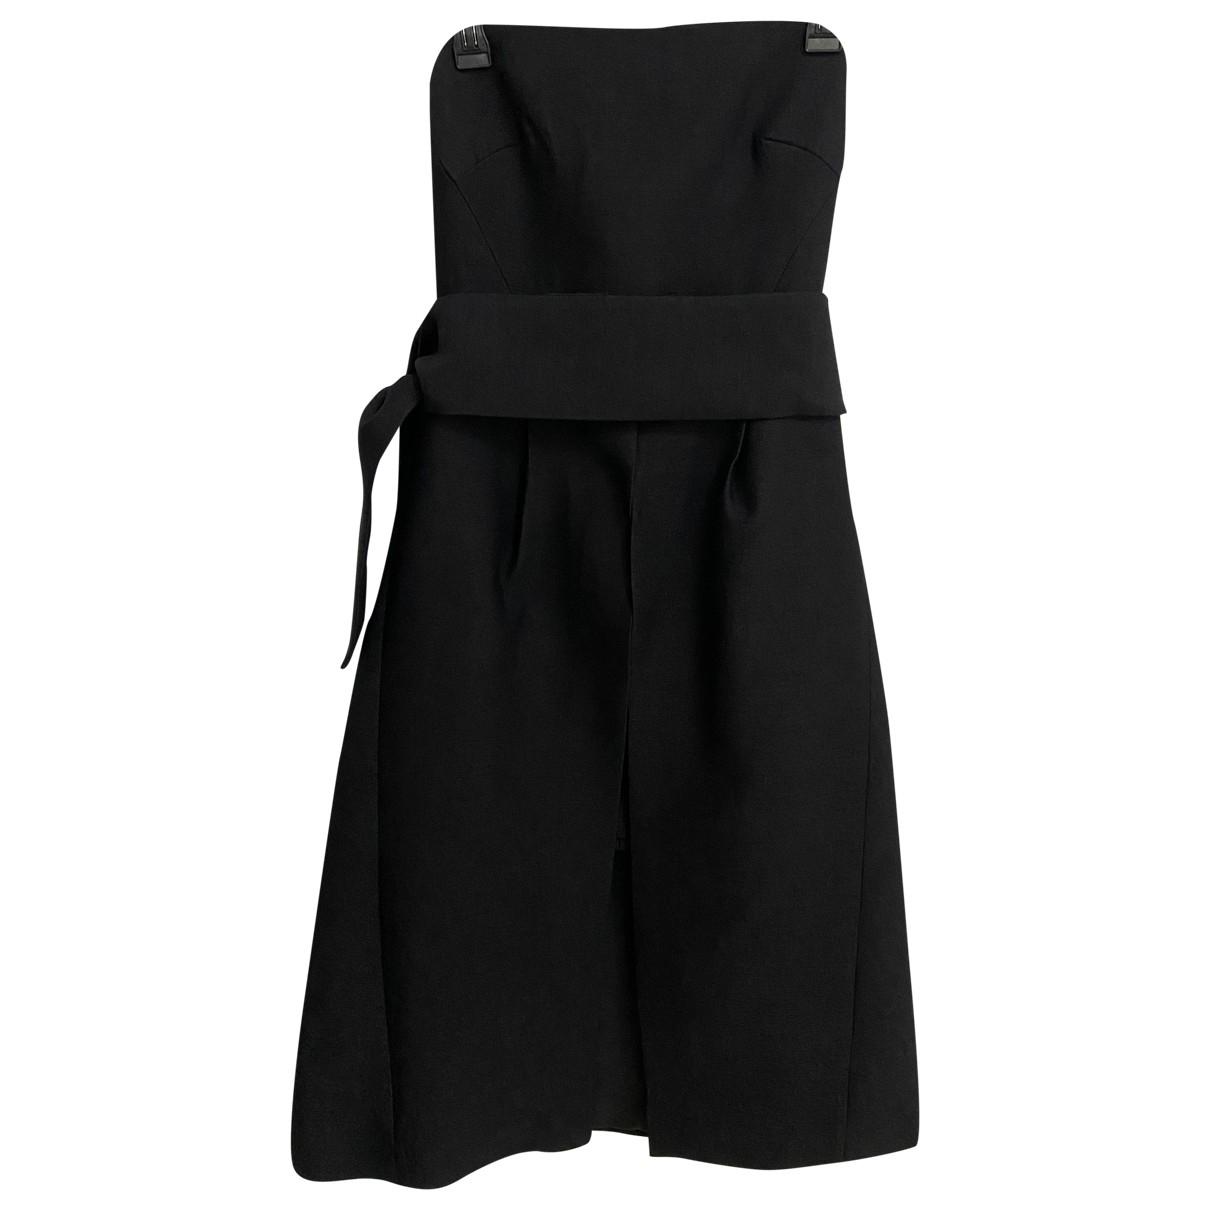 C/meo \N Black dress for Women S International